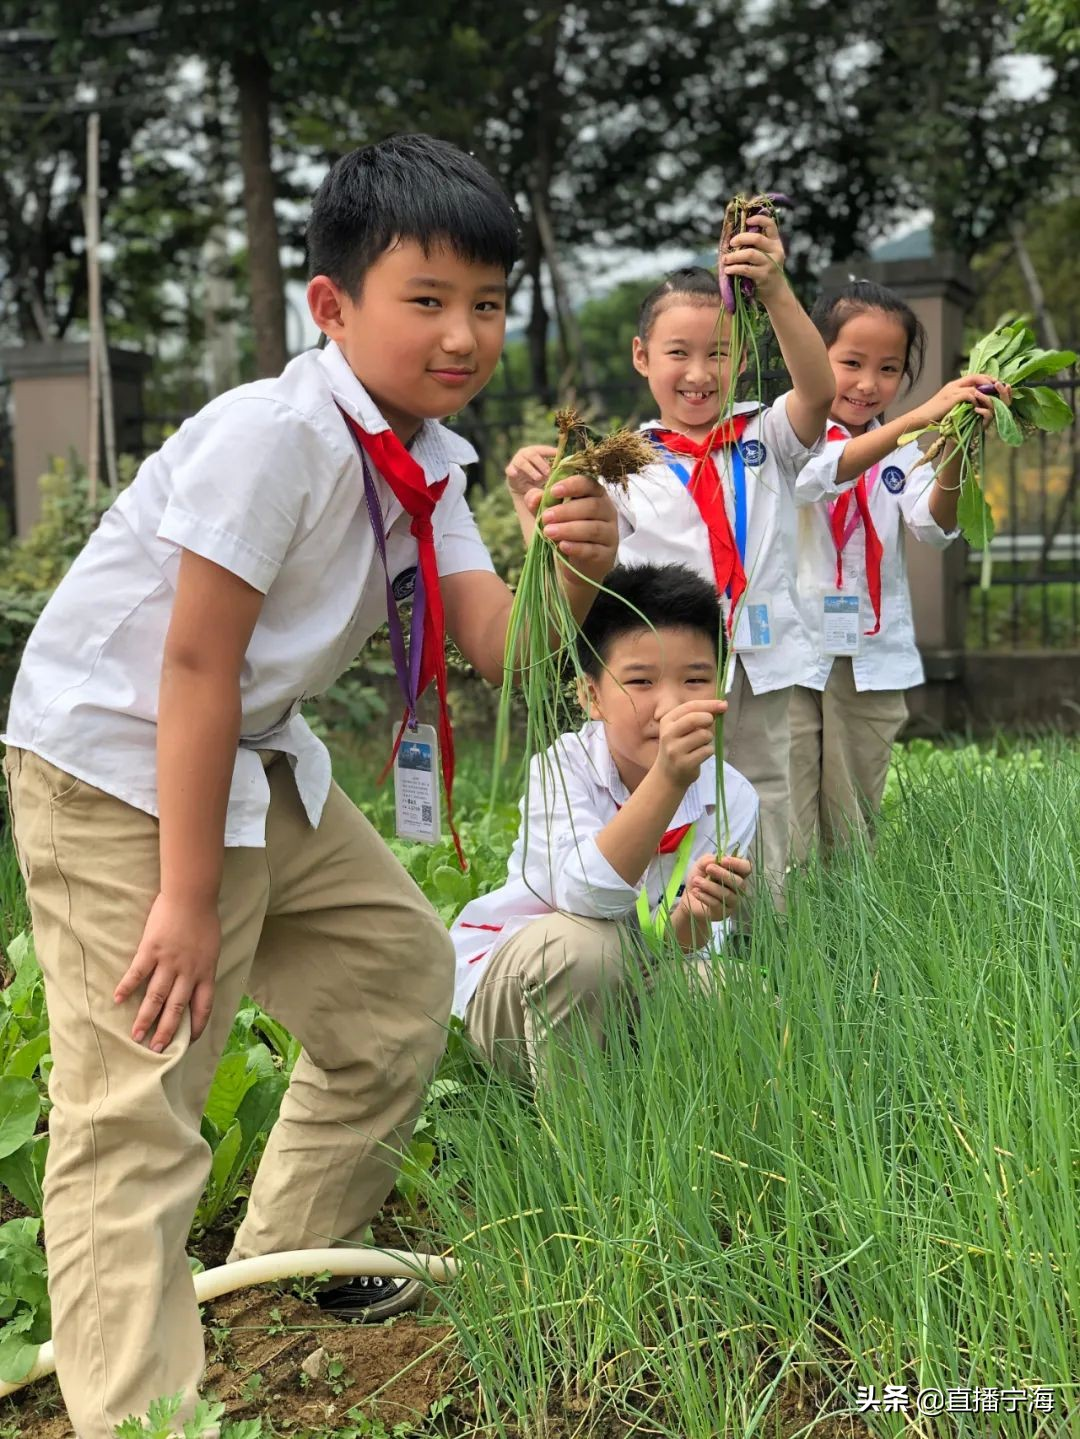 今日秋分!挖番薯、萝卜、南瓜...看孩子们这样庆丰收!